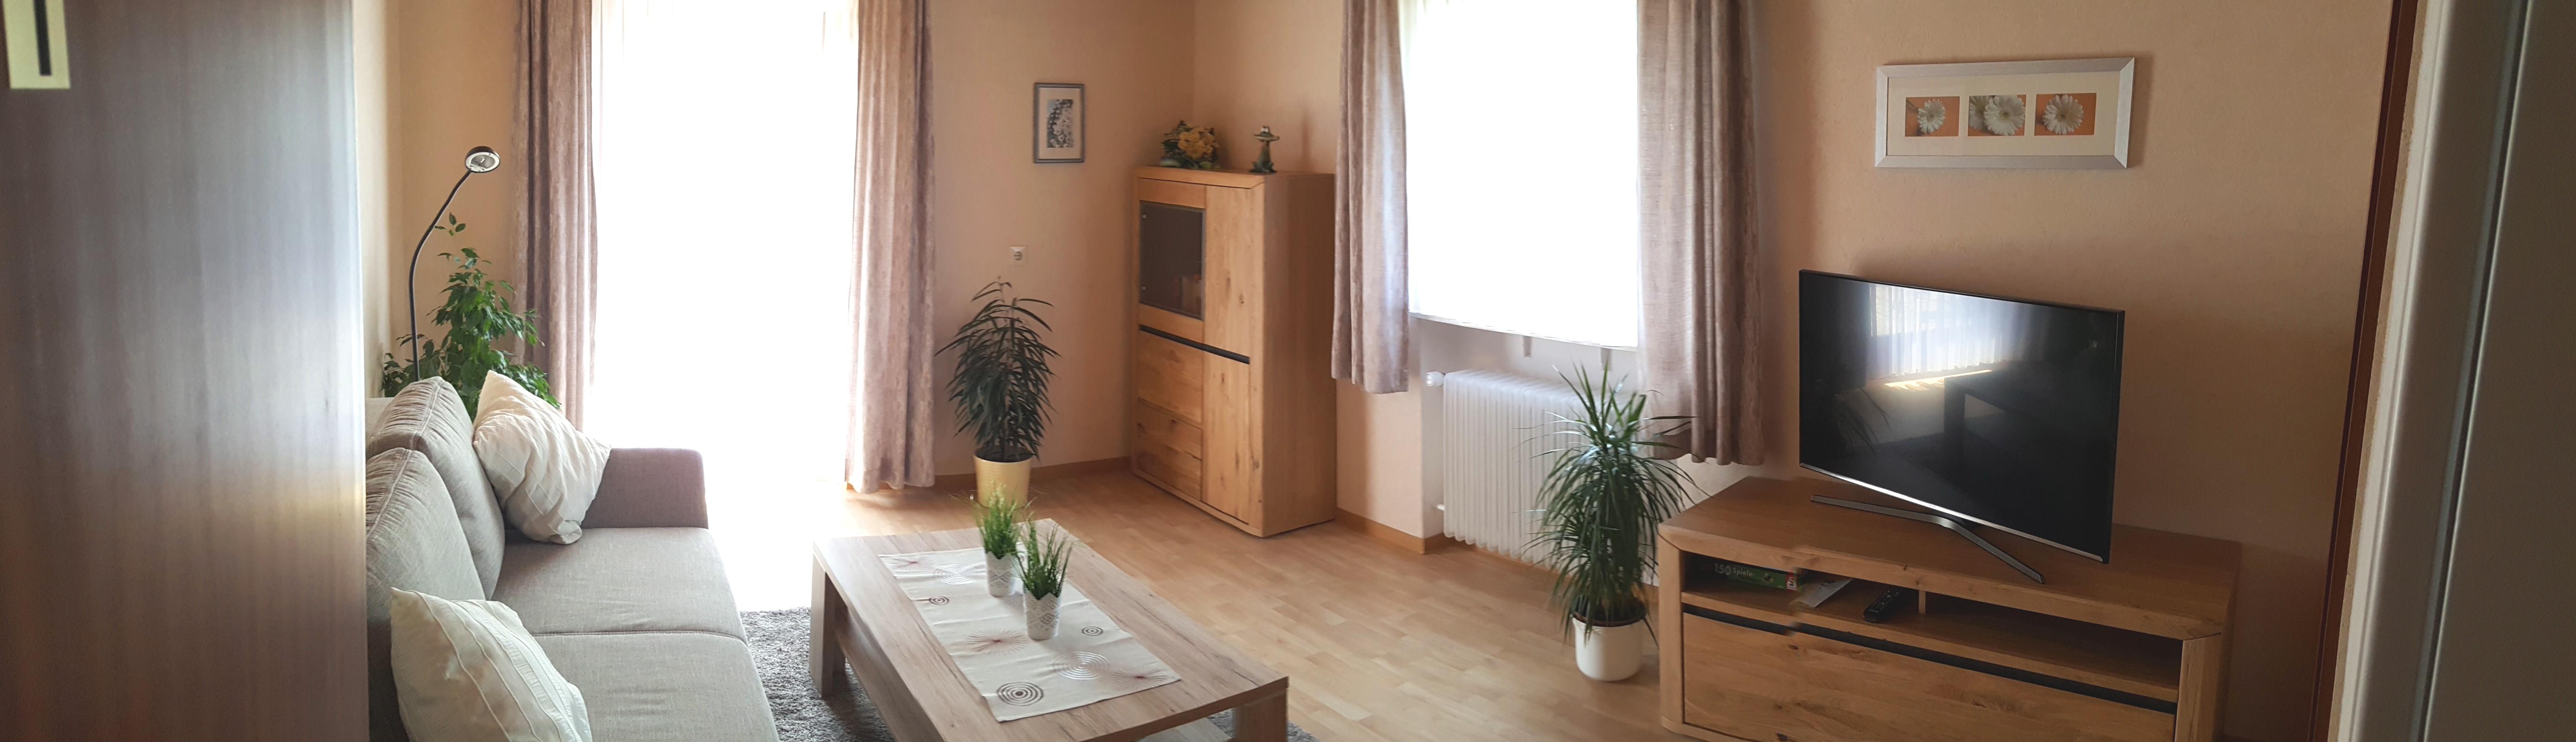 Panoramablick ins Wohnzimmer